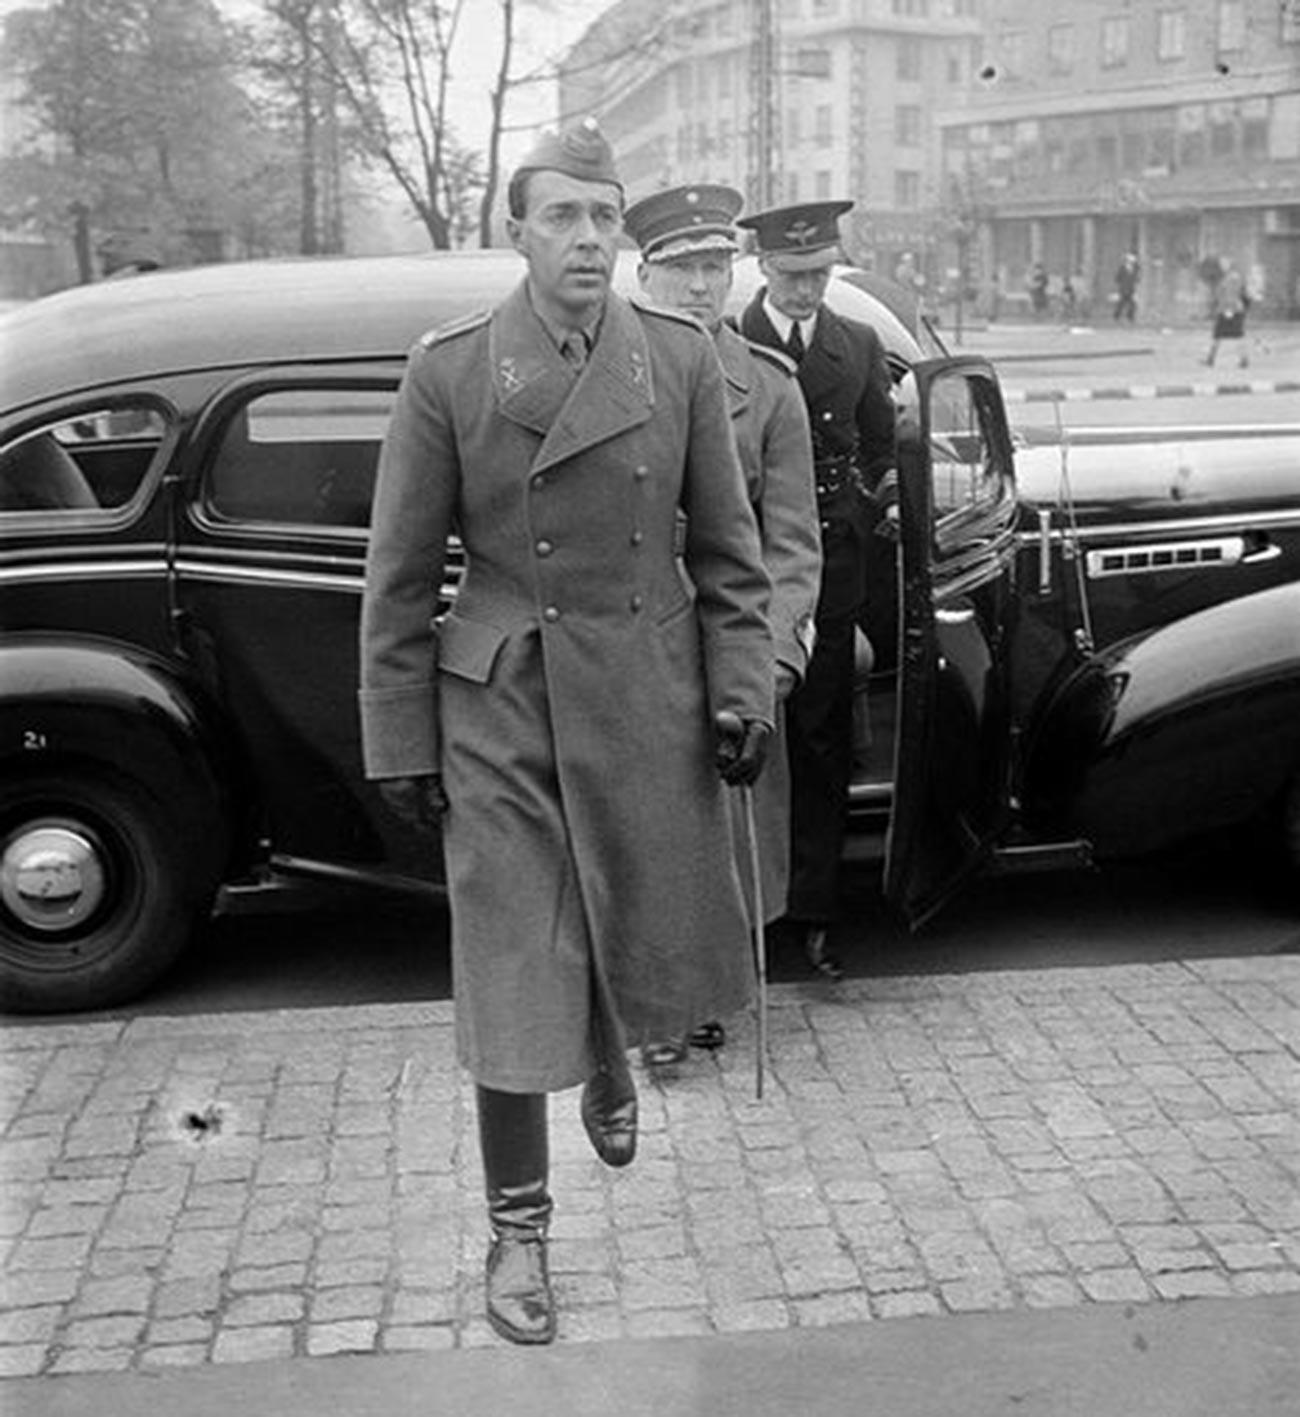 Престолонаследник Шведске Густав Адолф посетио је изложбу војних трофеја у изложбеном салону током посете Финској 8. октобра 1941.